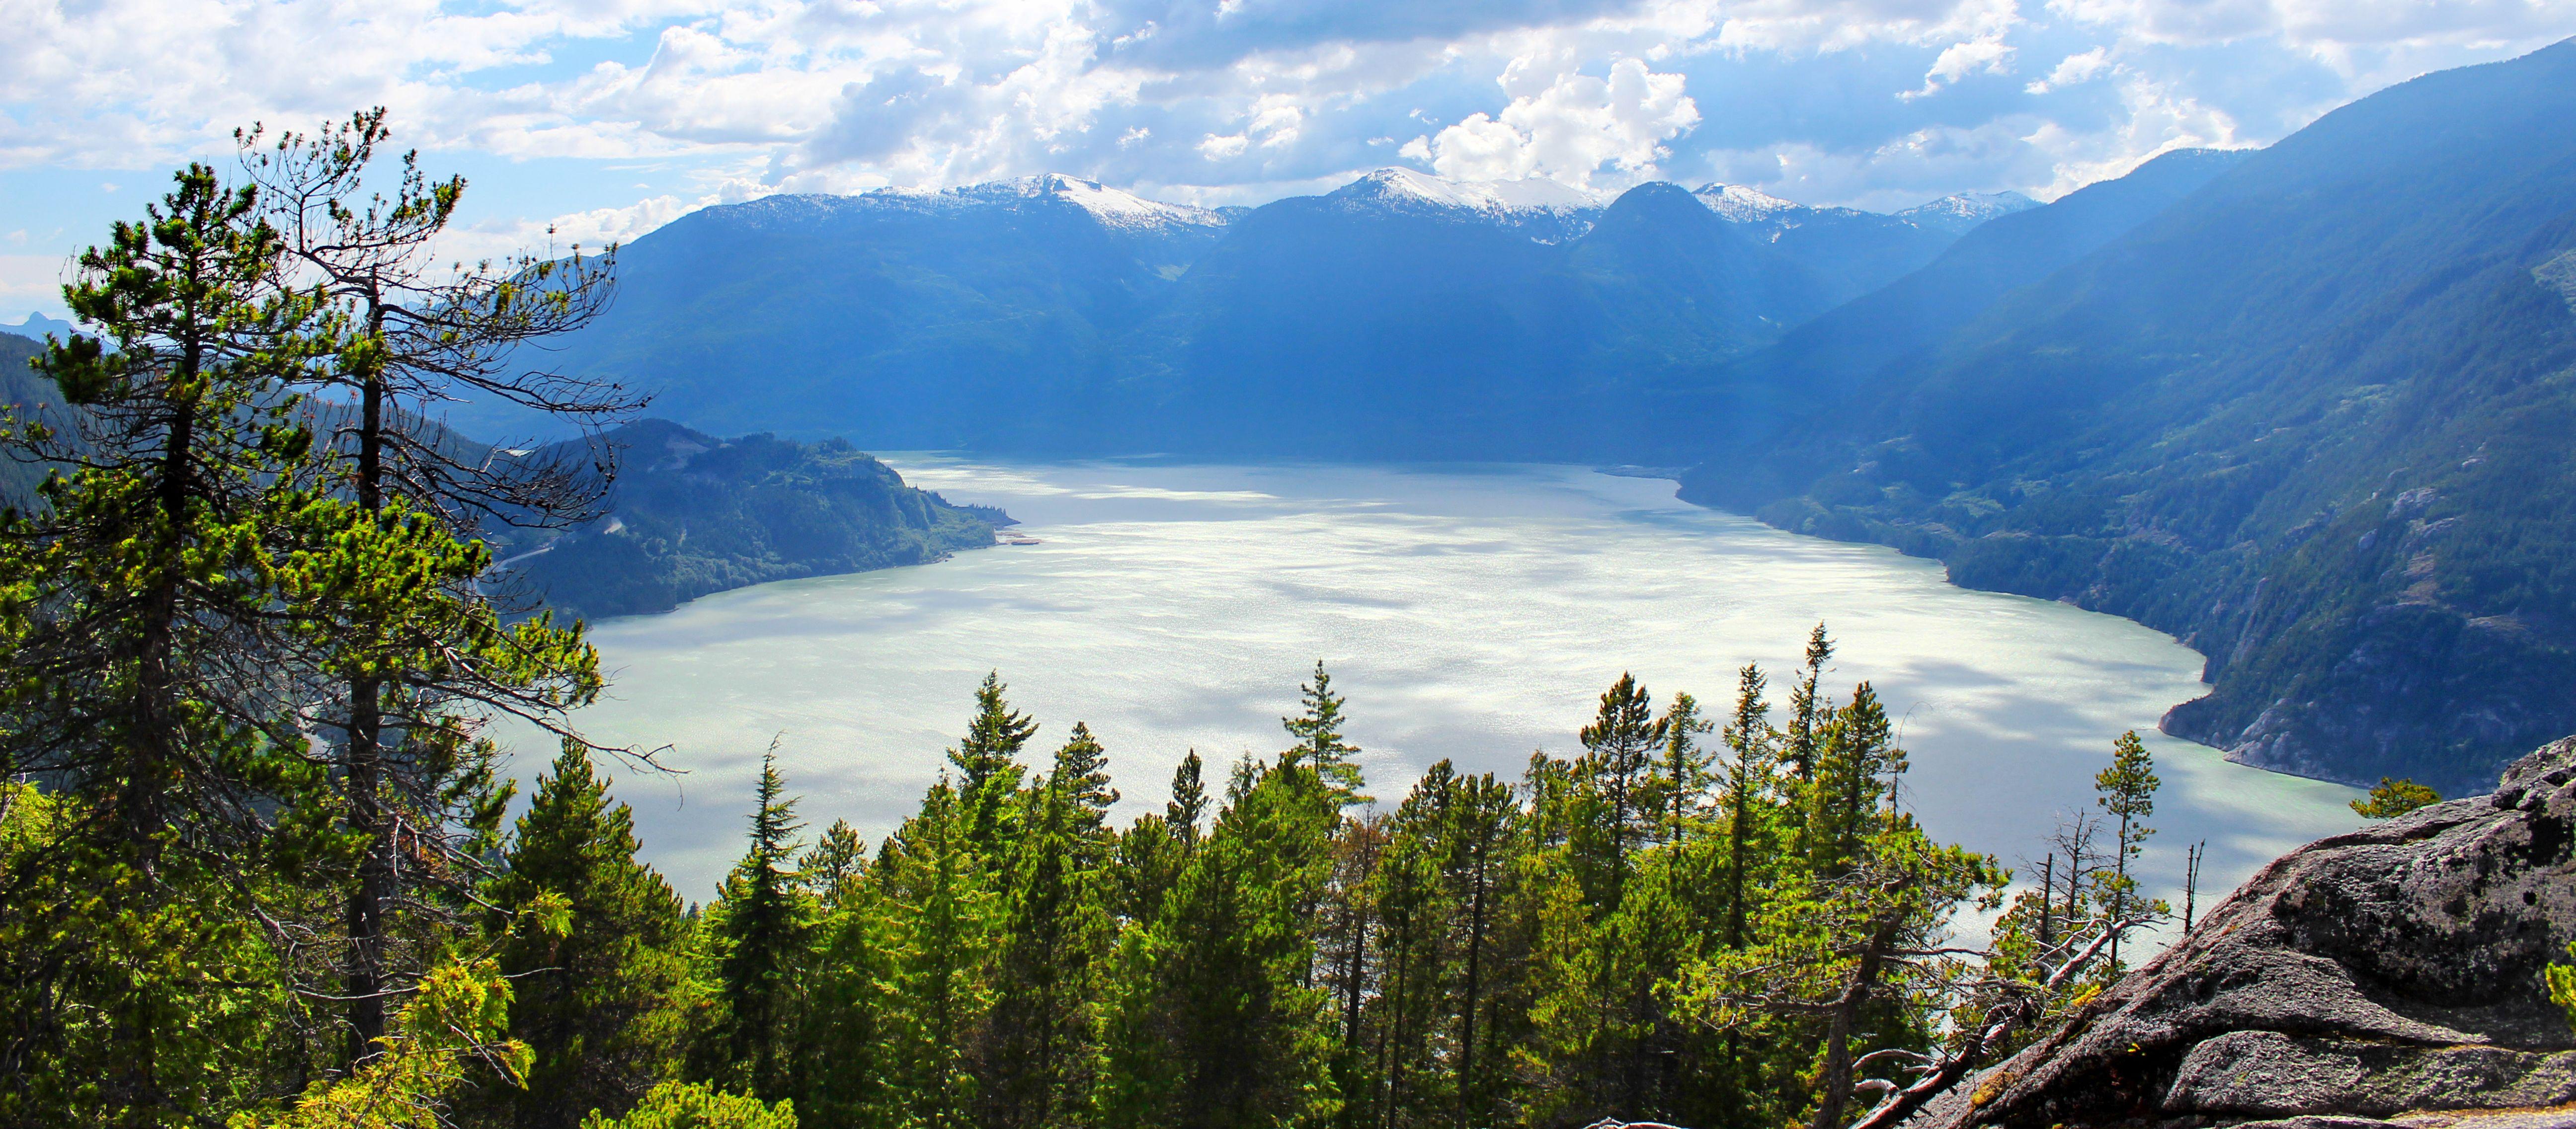 Blick auf den Howe Sound vom Stawamus Chief bei Squamish; British-Columbia